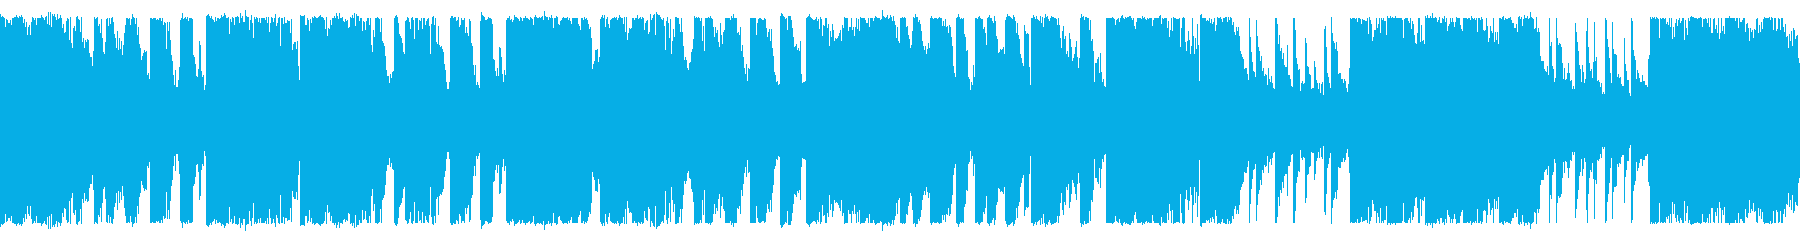 エキサイティングなビッグバンド[ループ]の再生済みの波形